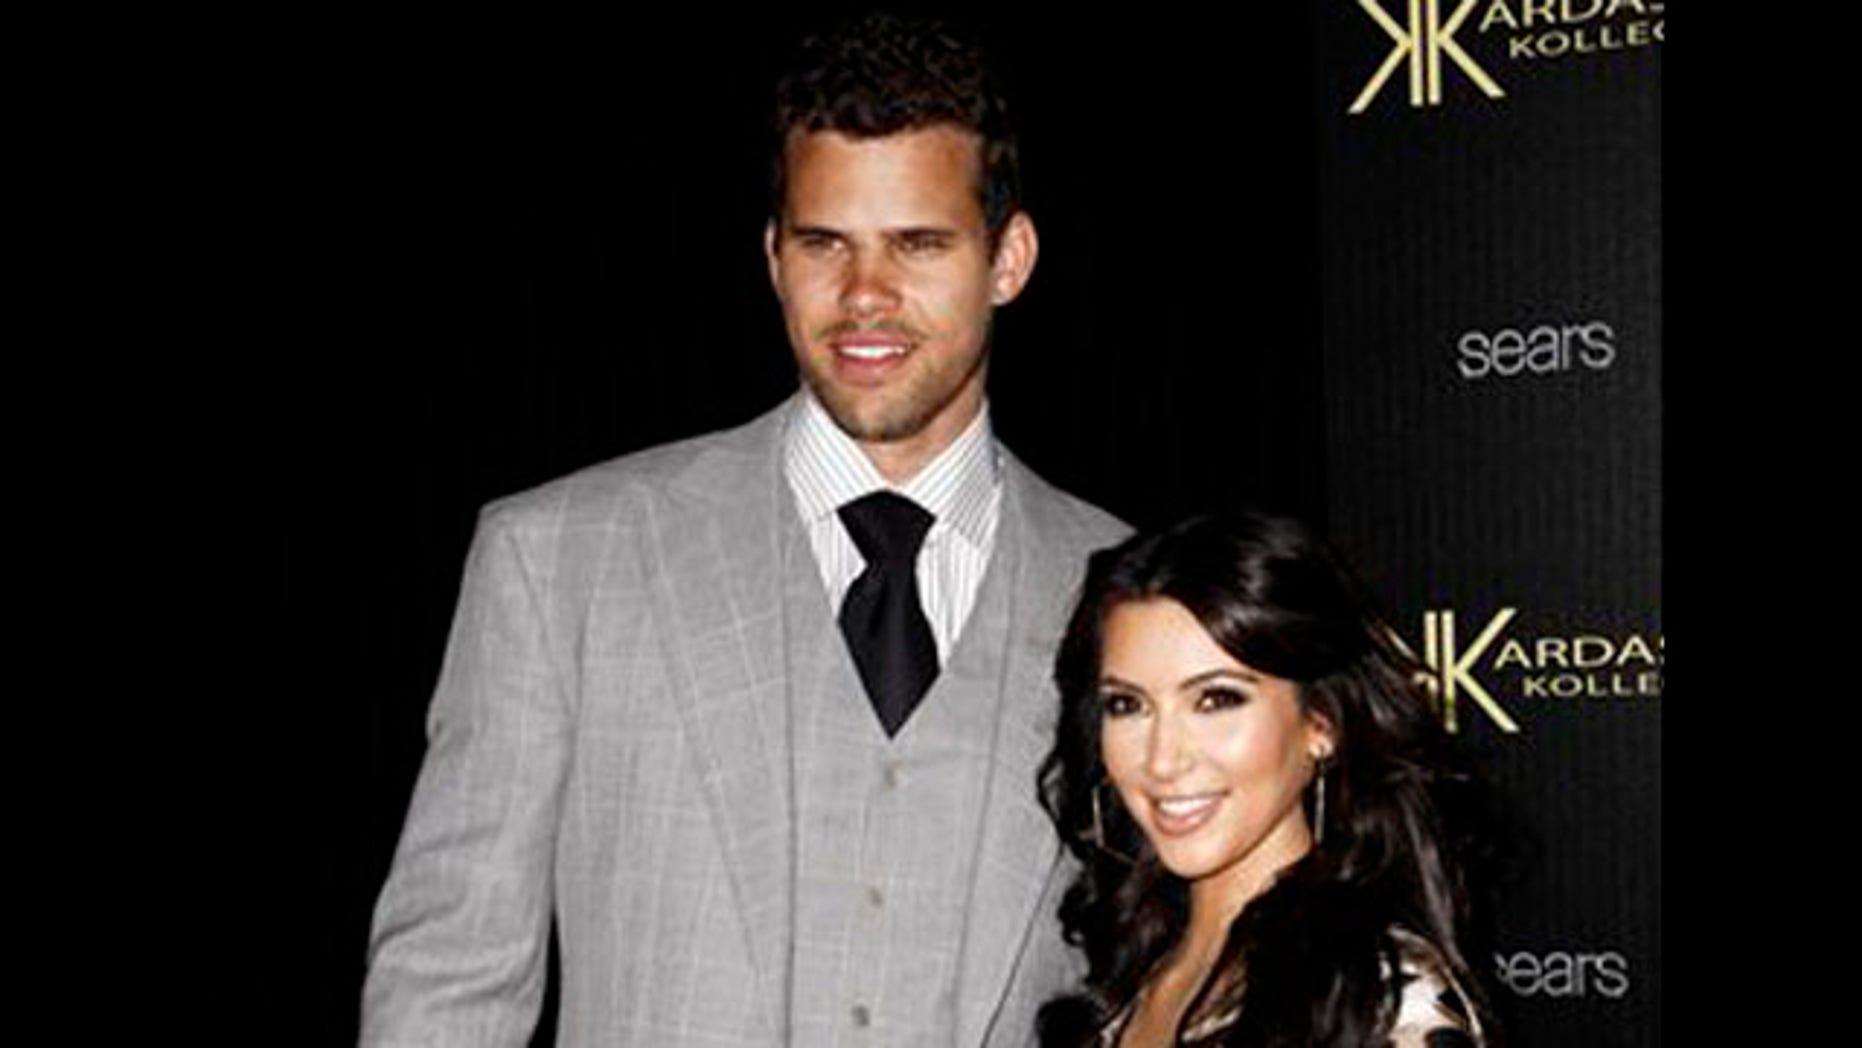 En esta fotografía de archivo del 17 de agosto de 2011, la estrella de programas de realidad simulada Kim Kardashian, derecha, y su novio en este entonces, el basquetbolista Kris Humphries, llegan a una fiesta por el lanzamiento de la Kardashian Kollection en Los Angeles. Ambos se casaron el 20 de agosto. Kardashian solicitó el divorcio el 31 de octubre del mismo año. (Foto AP/Matt Sayles, archivo)